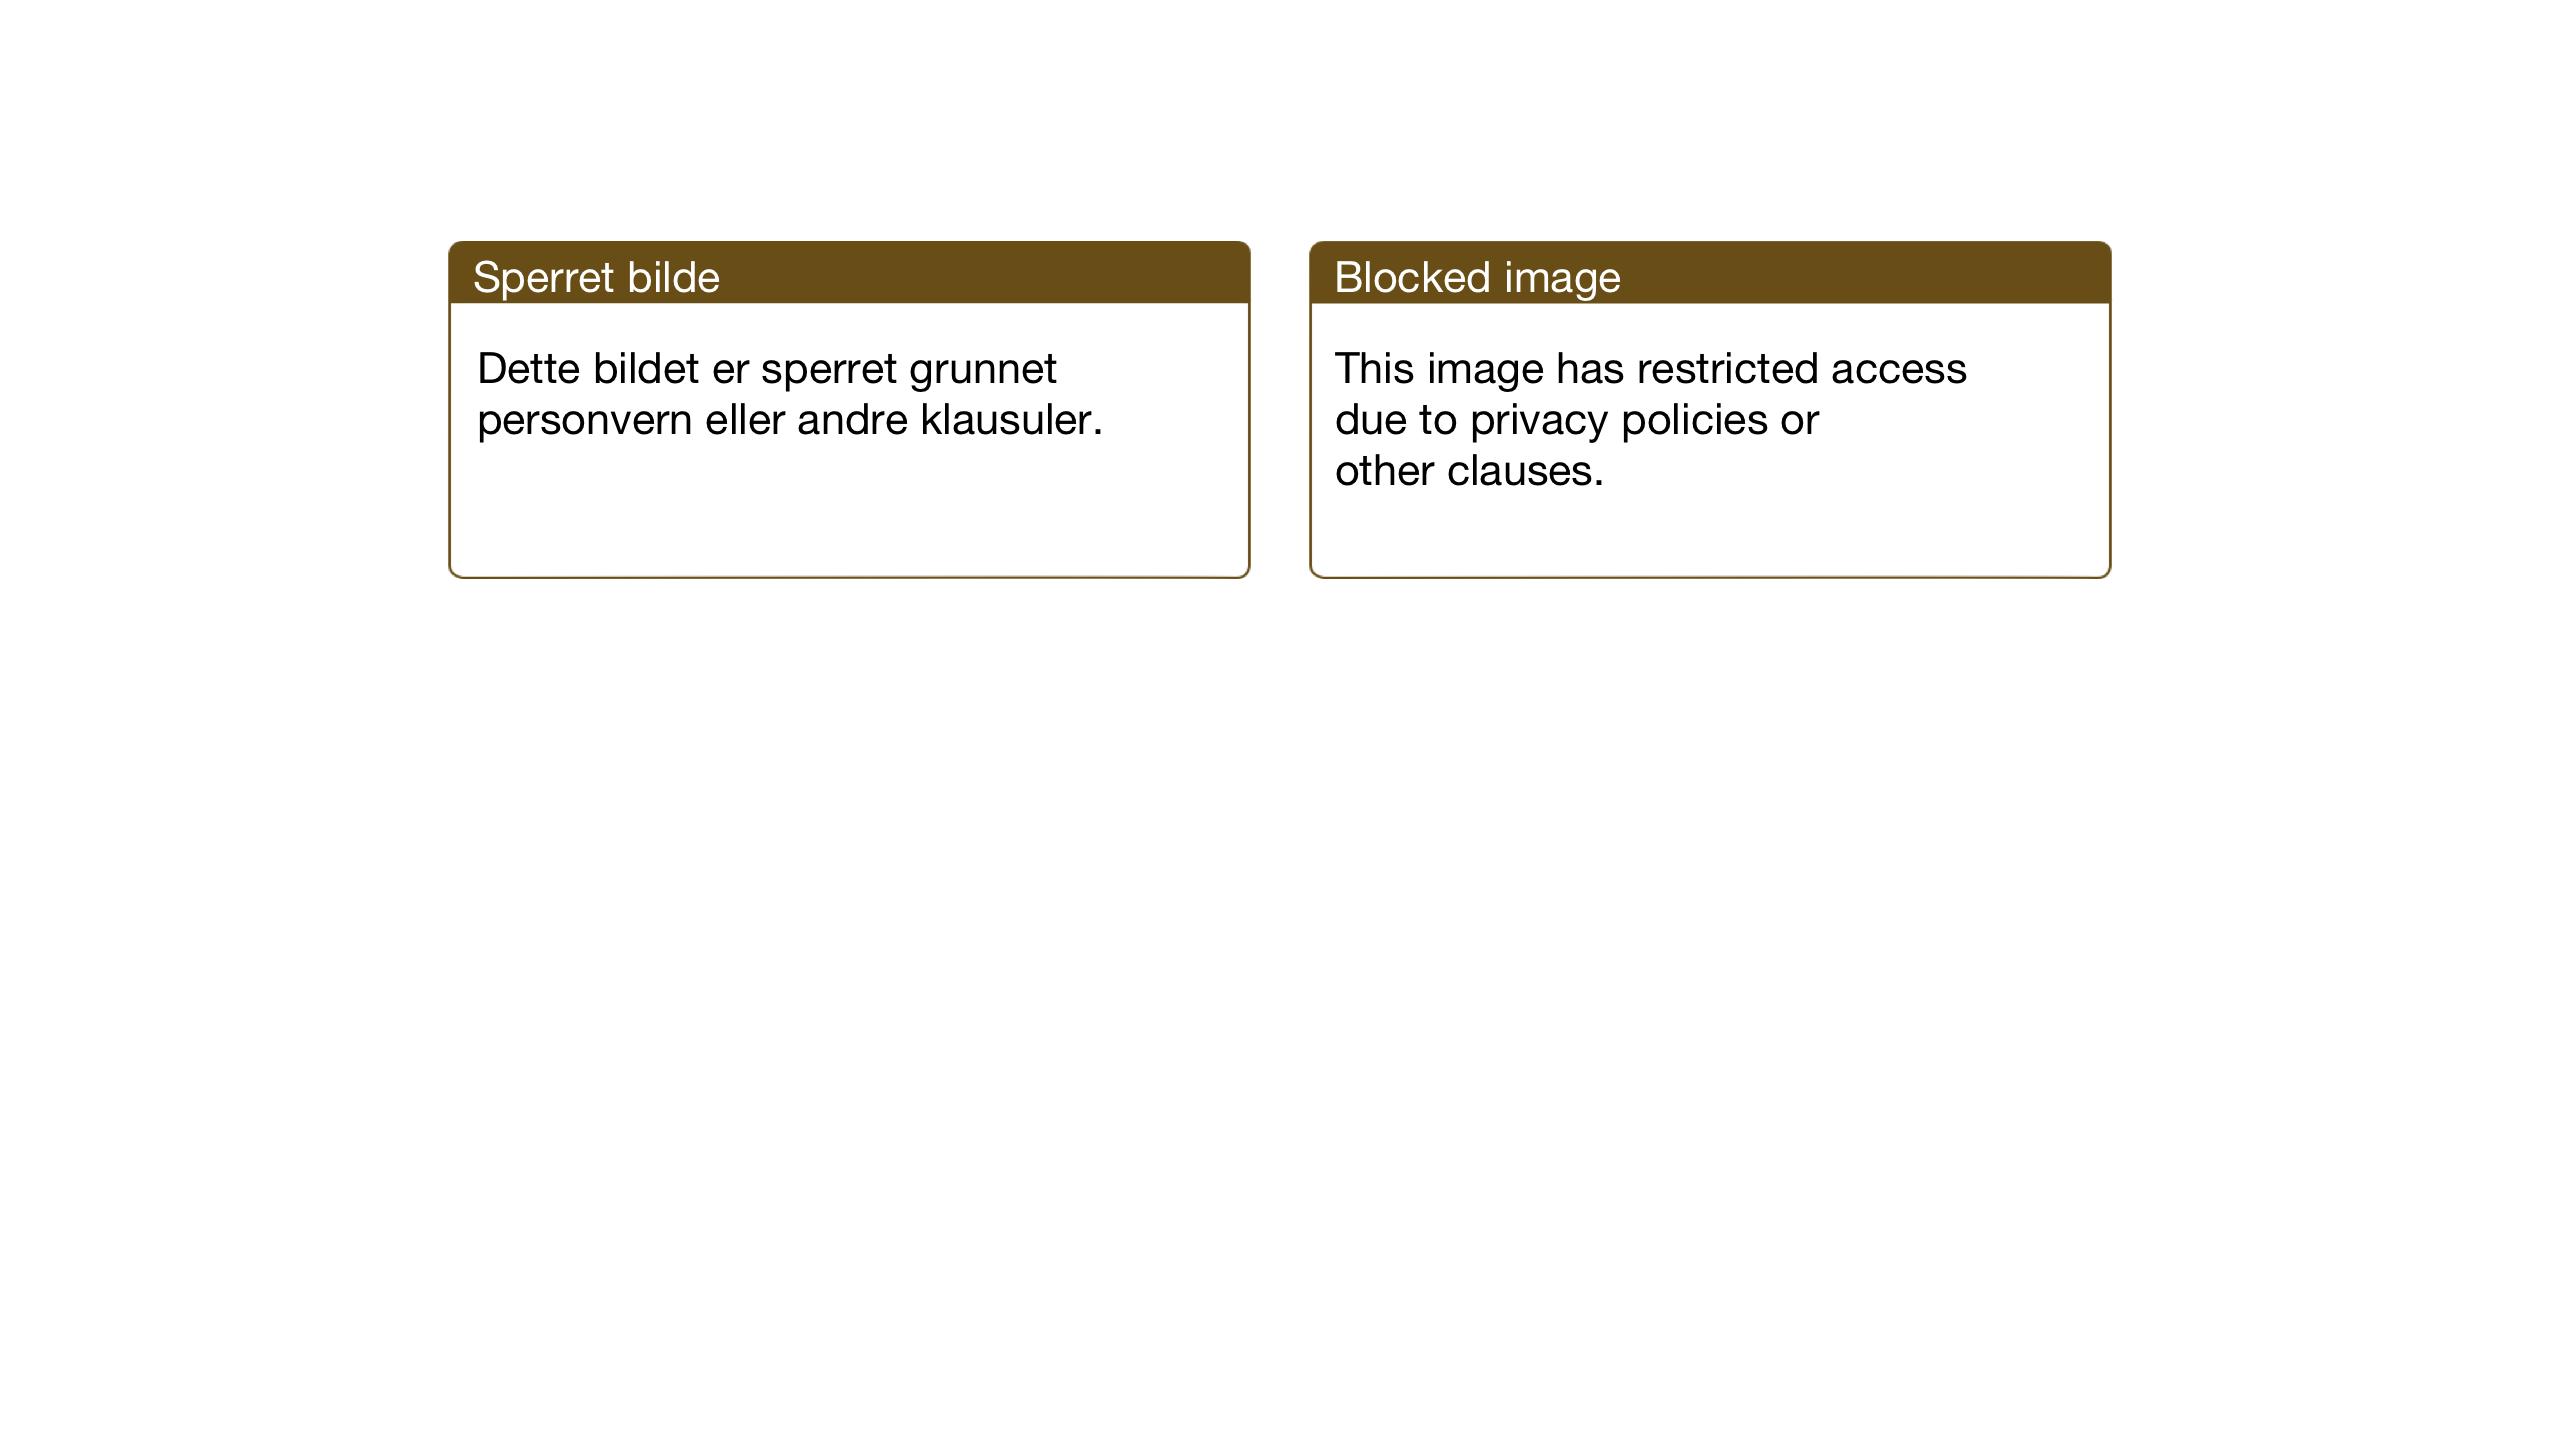 SAT, Ministerialprotokoller, klokkerbøker og fødselsregistre - Nord-Trøndelag, 739/L0377: Klokkerbok nr. 739C05, 1940-1947, s. 11